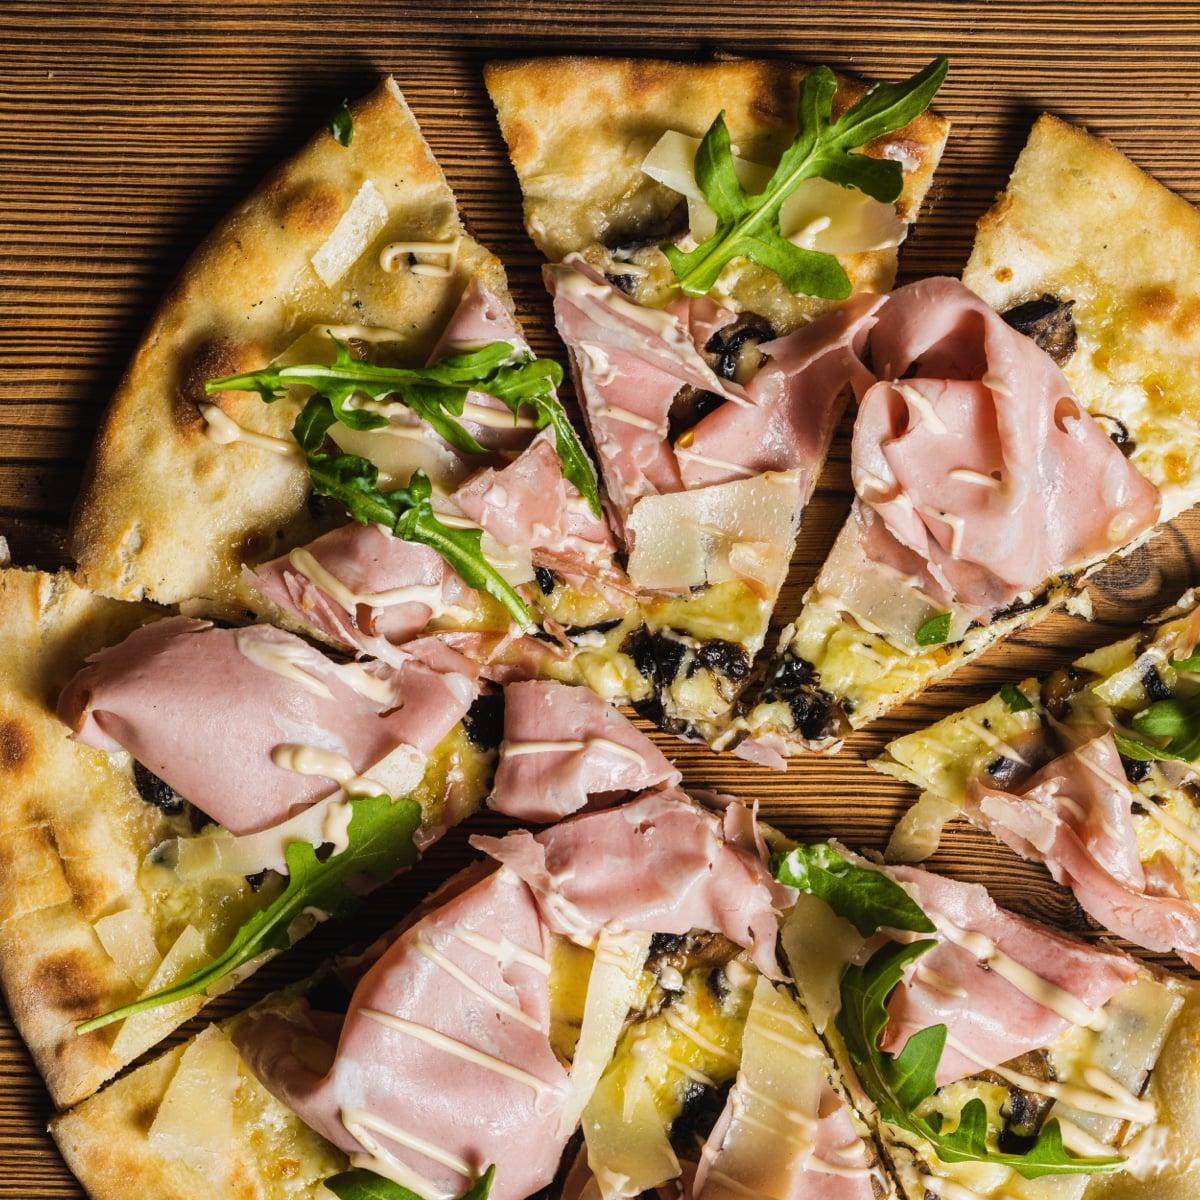 duelo de pizzas - Duelo de pizzas, ¿americana o italiana?